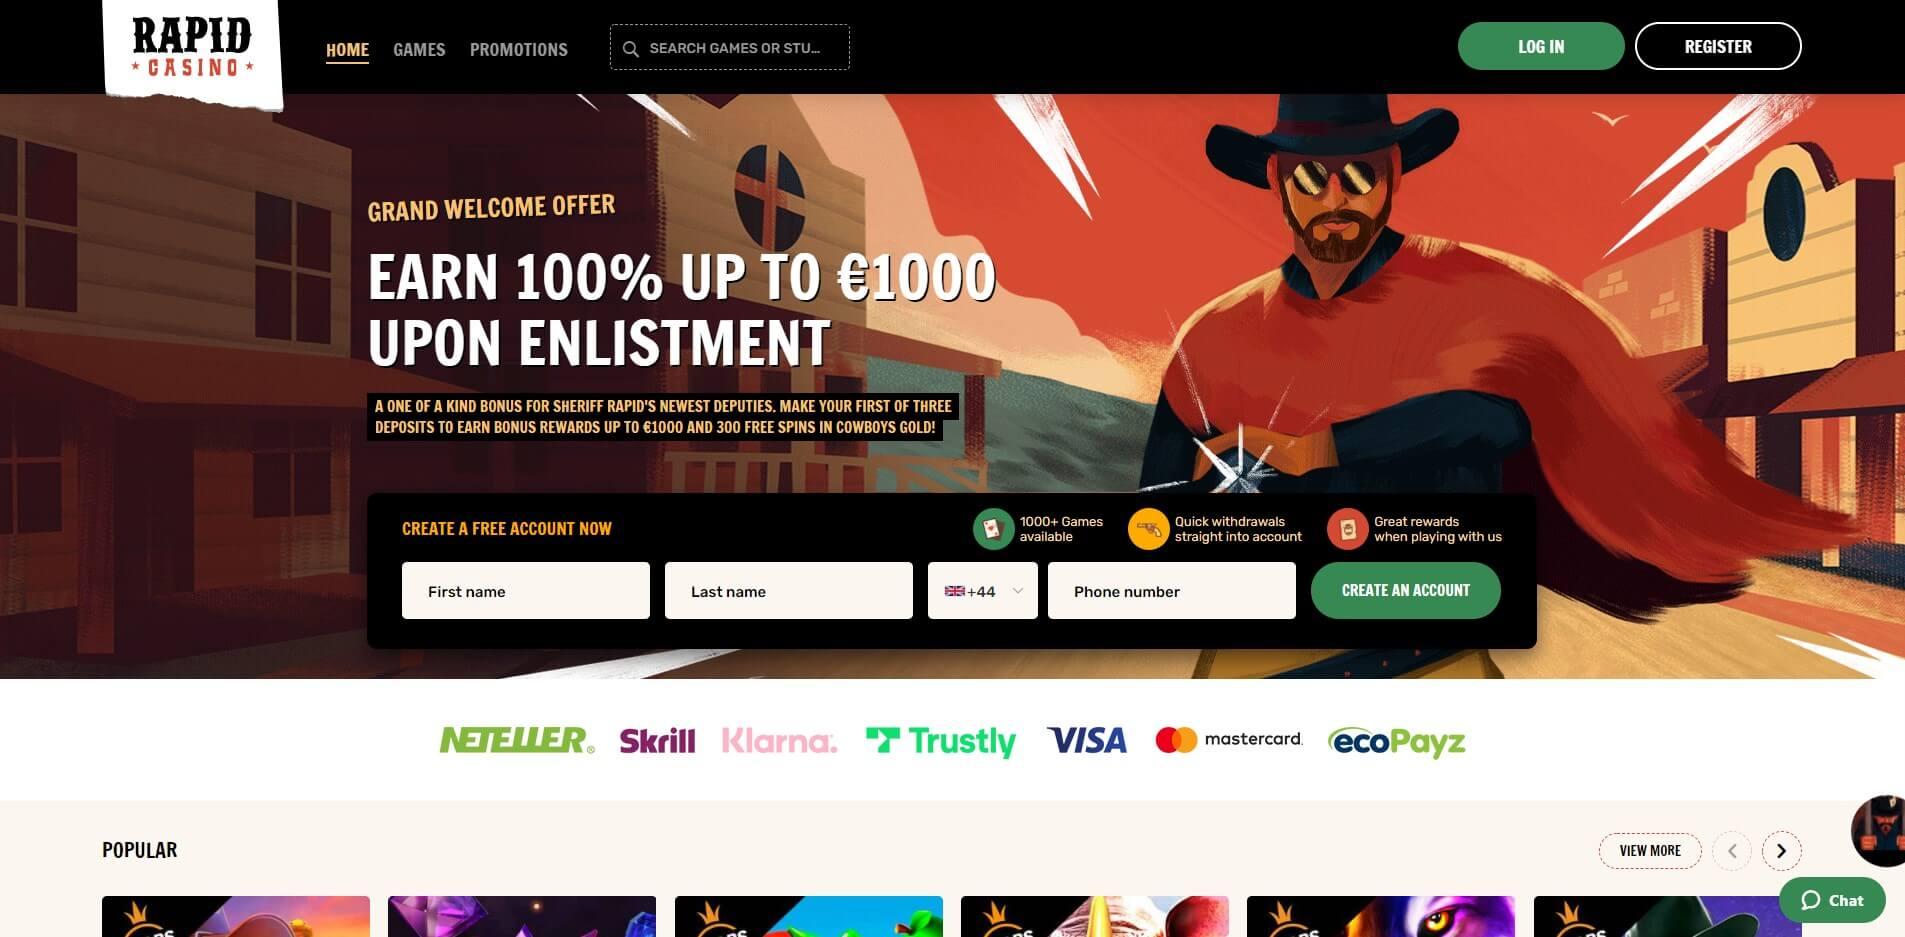 rapidcasino.com - Website Review